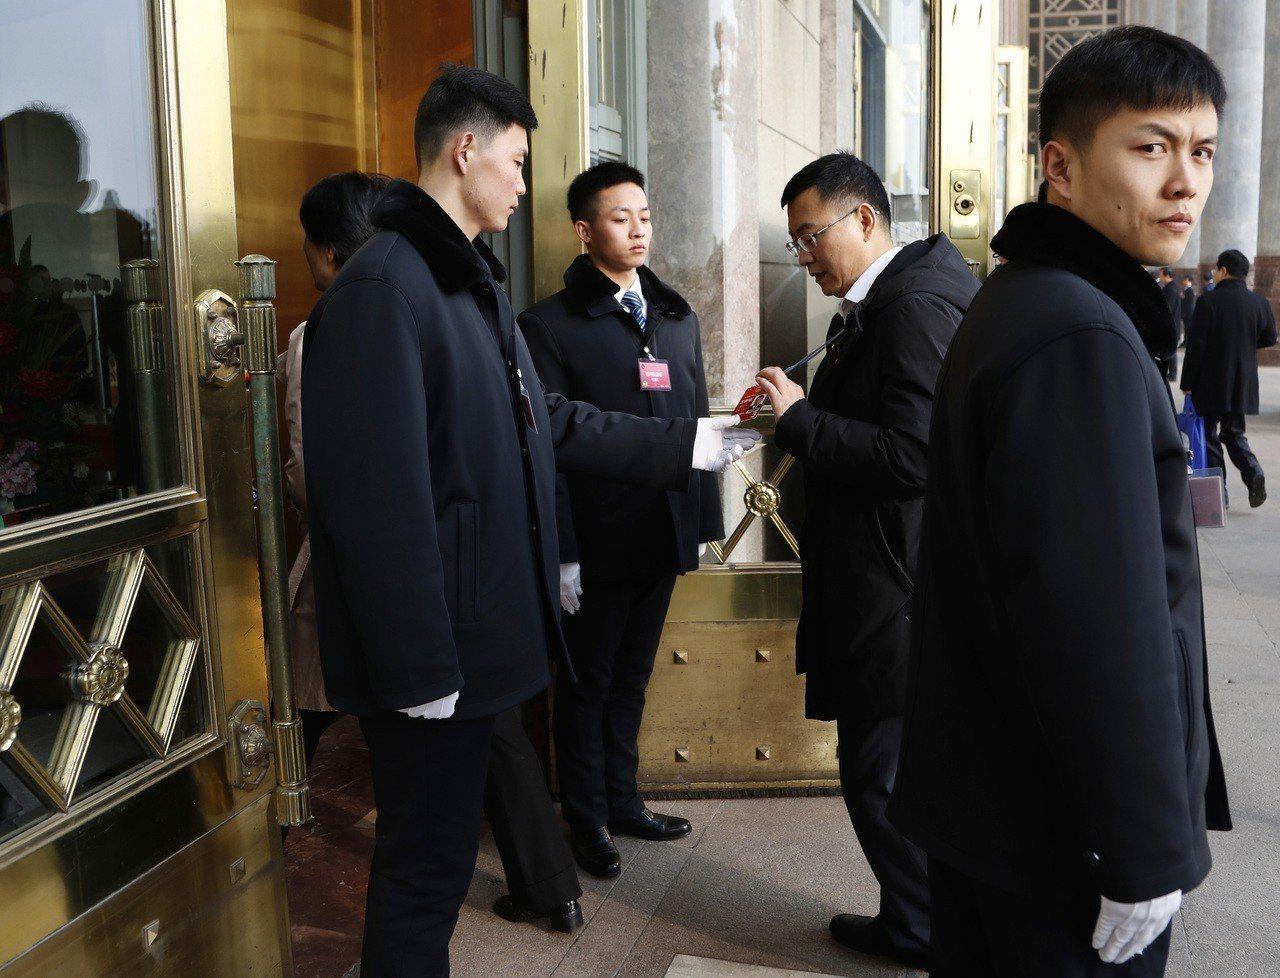 自由亞洲電台報導,中國政治形勢越來越嚴峻。近期,各地司法局向律師發出通知,不准律...